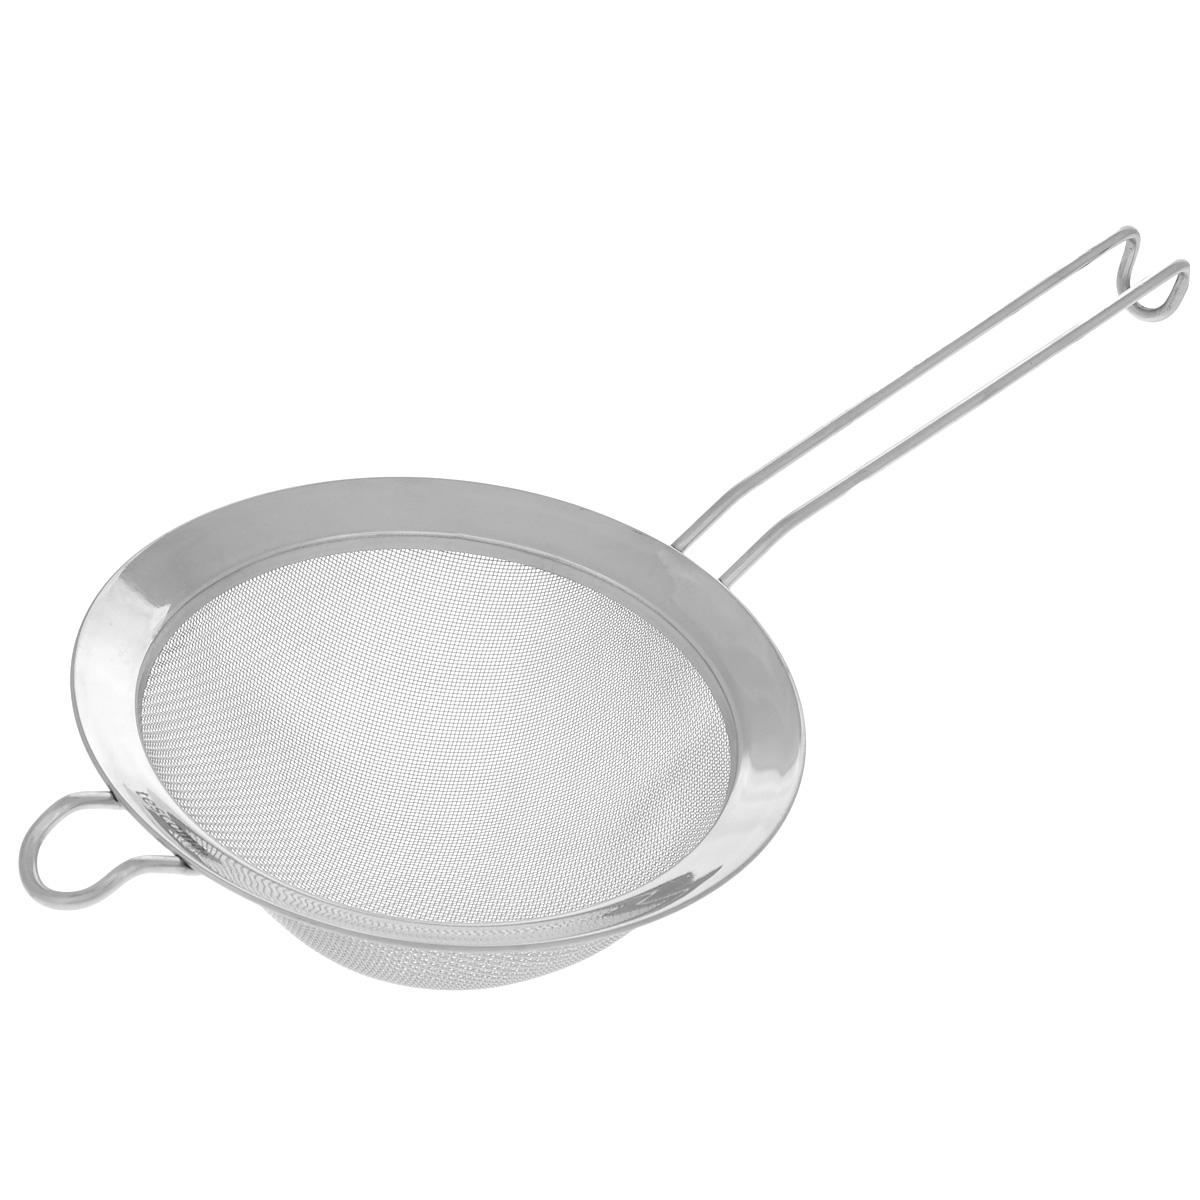 Сито Tescoma Chef, диаметр 20 см428054Сито Tescoma Chef, выполненное из высококачественной нержавеющей стали, станет незаменимым аксессуаром на вашей кухне. Удобная ручка-пруток не позволит выскользнуть изделию из вашей руки. Прочная стальная сетка и корпус обеспечивают изделию износостойкость и долговечность. Сито оснащено специальным ушком, за которое его можно подвесить в любом месте.Такое сито поможет вам процедить или просеять продукты и станет достойным дополнением к кухонному инвентарю.Можно мыть в посудомоечной машине.